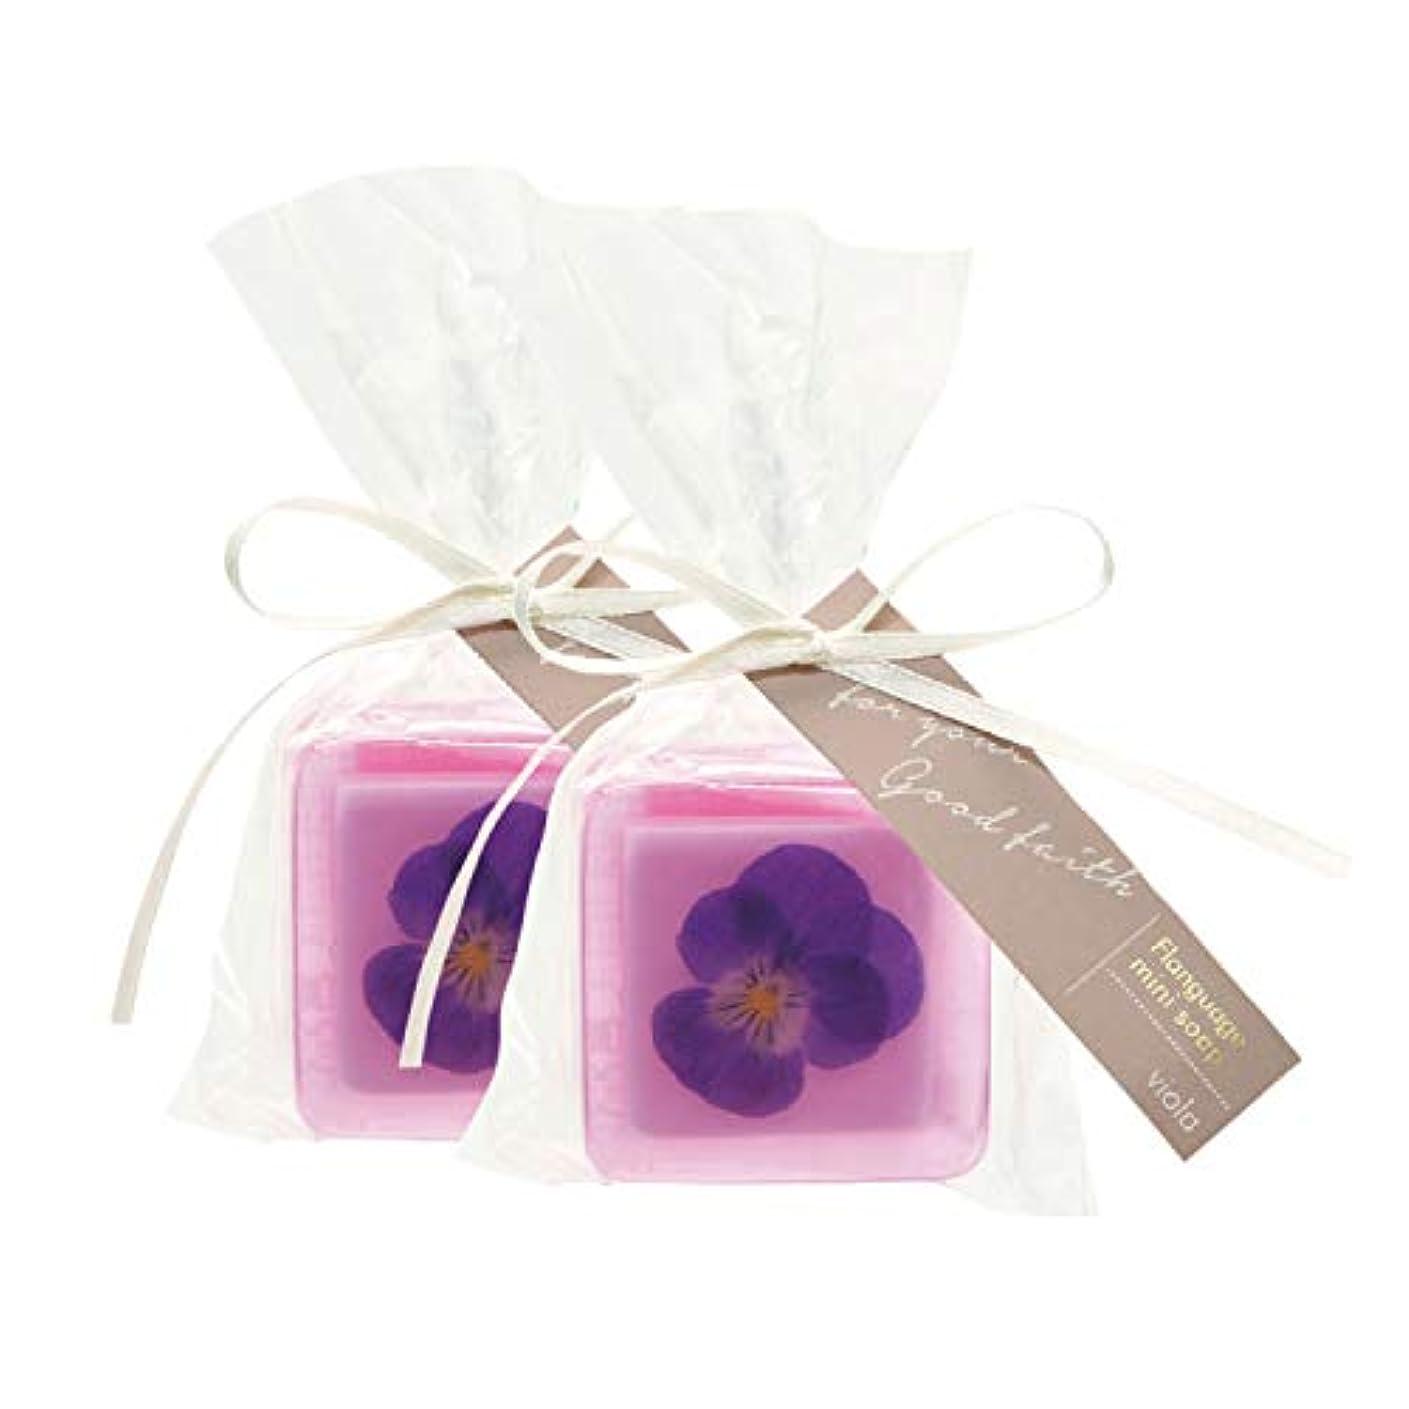 発症ホーム解明ノルコーポレーション フランゲージミニソープ ヴィオラ OB-FMS-1-1 石鹸 フローラルの香り セット 52g×2個